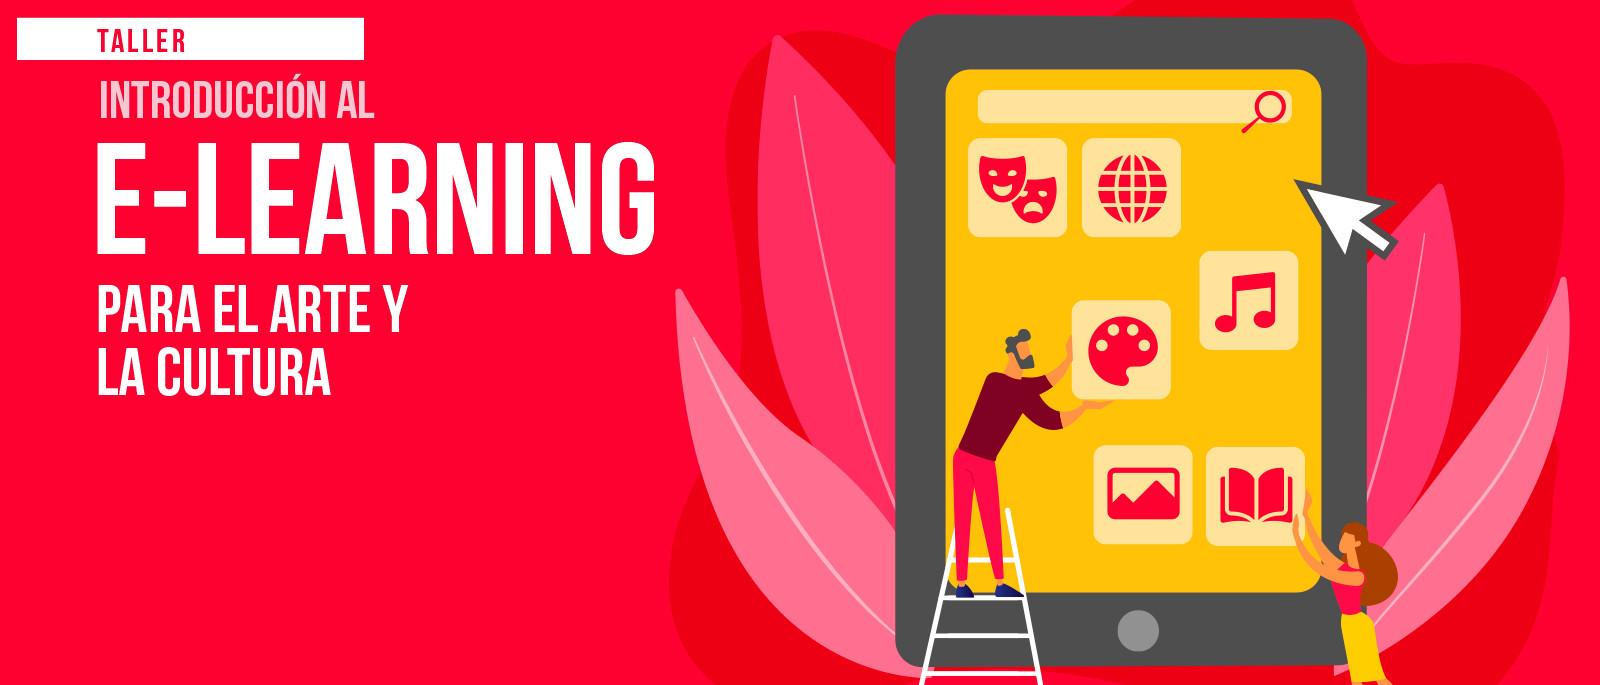 Banner del taller Introducción al e-learning para el arte y la cultura